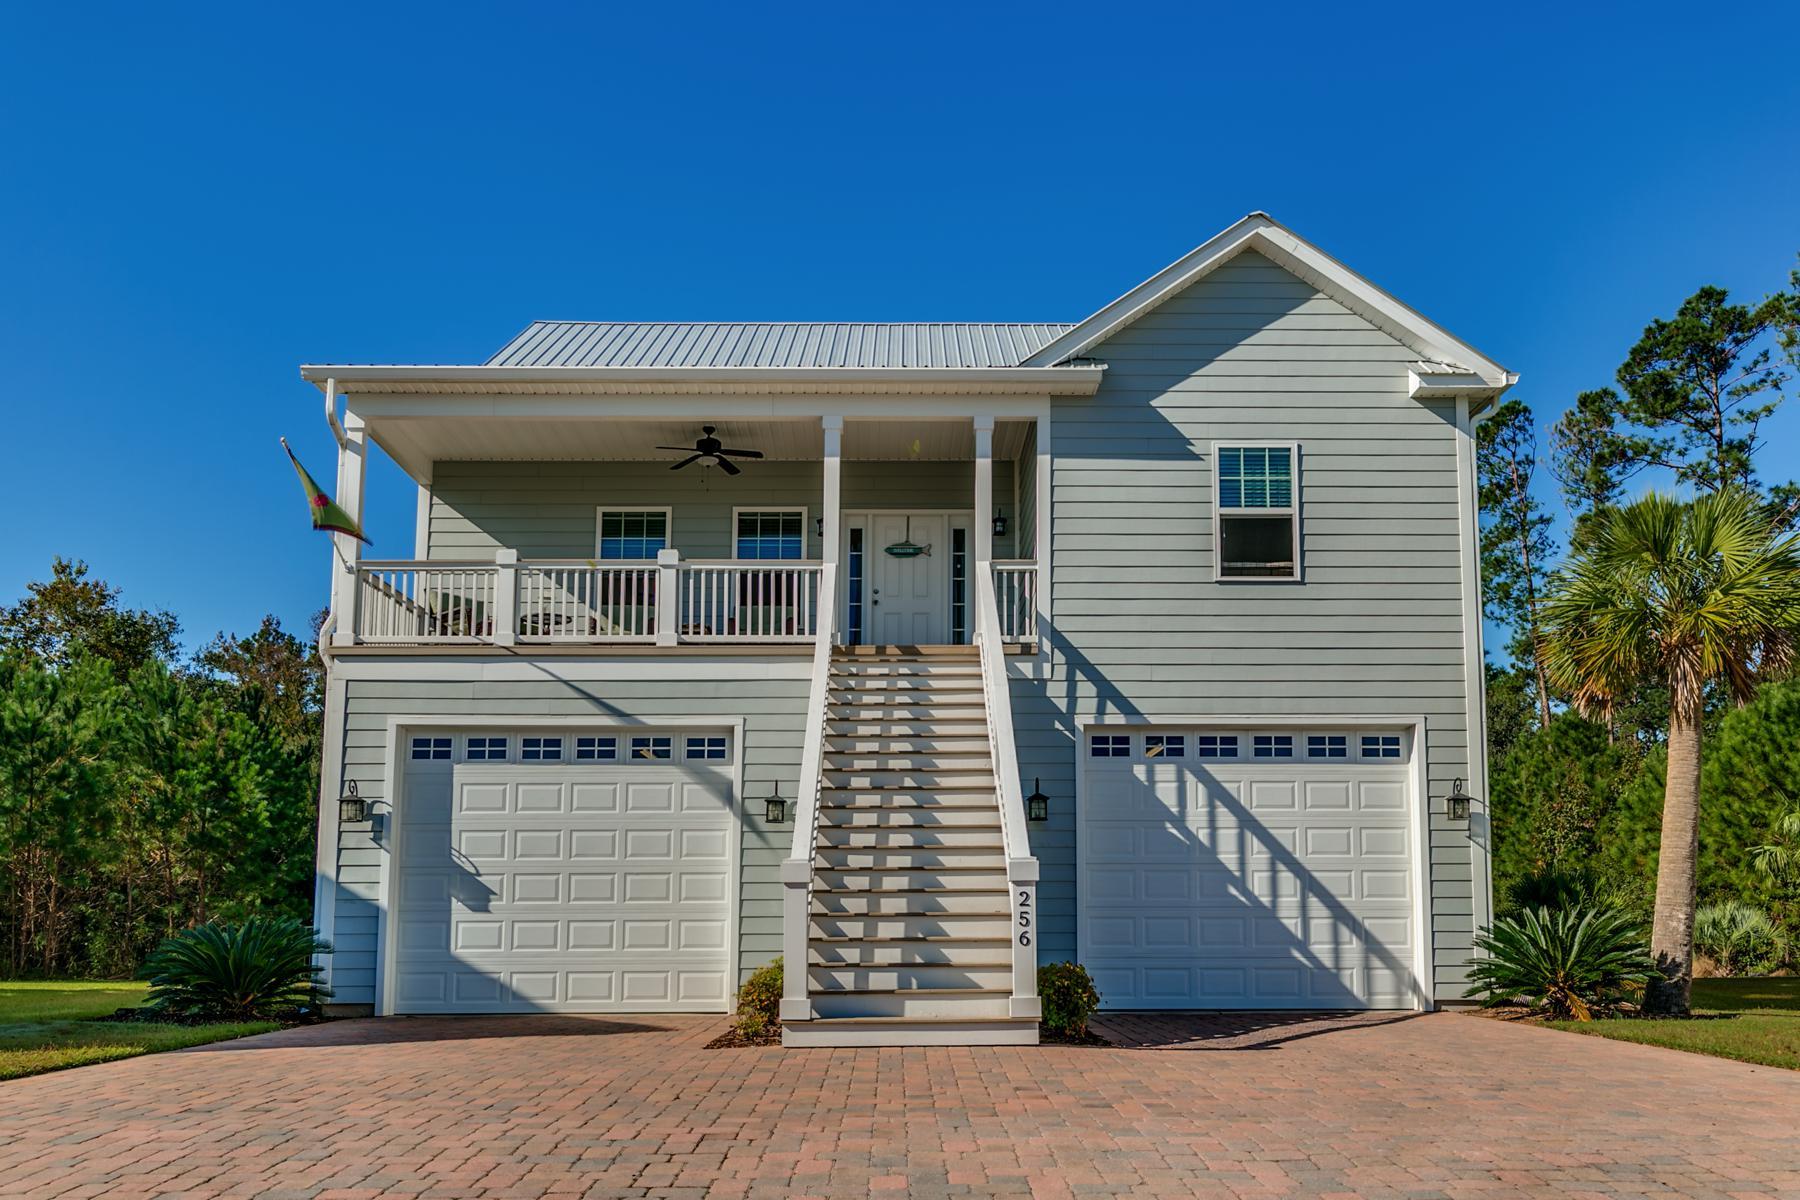 단독 가정 주택 용 매매 에 256 Graytwig Circle Murrells Inlet, 사우스캐놀라이나, 29576 미국